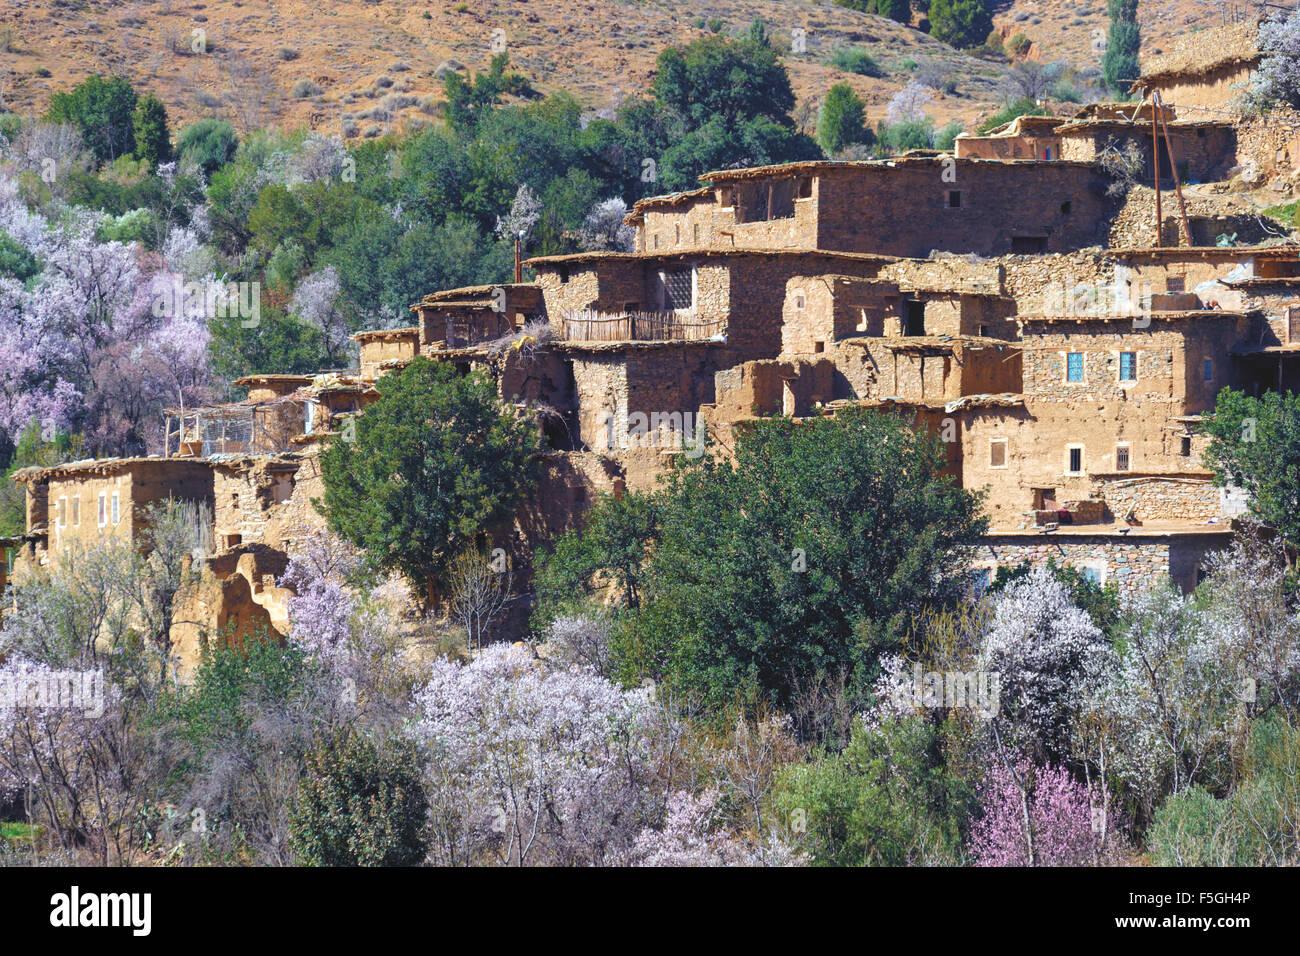 Aldea en las montañas del gran Atlas, de Marruecos. Imagen De Stock